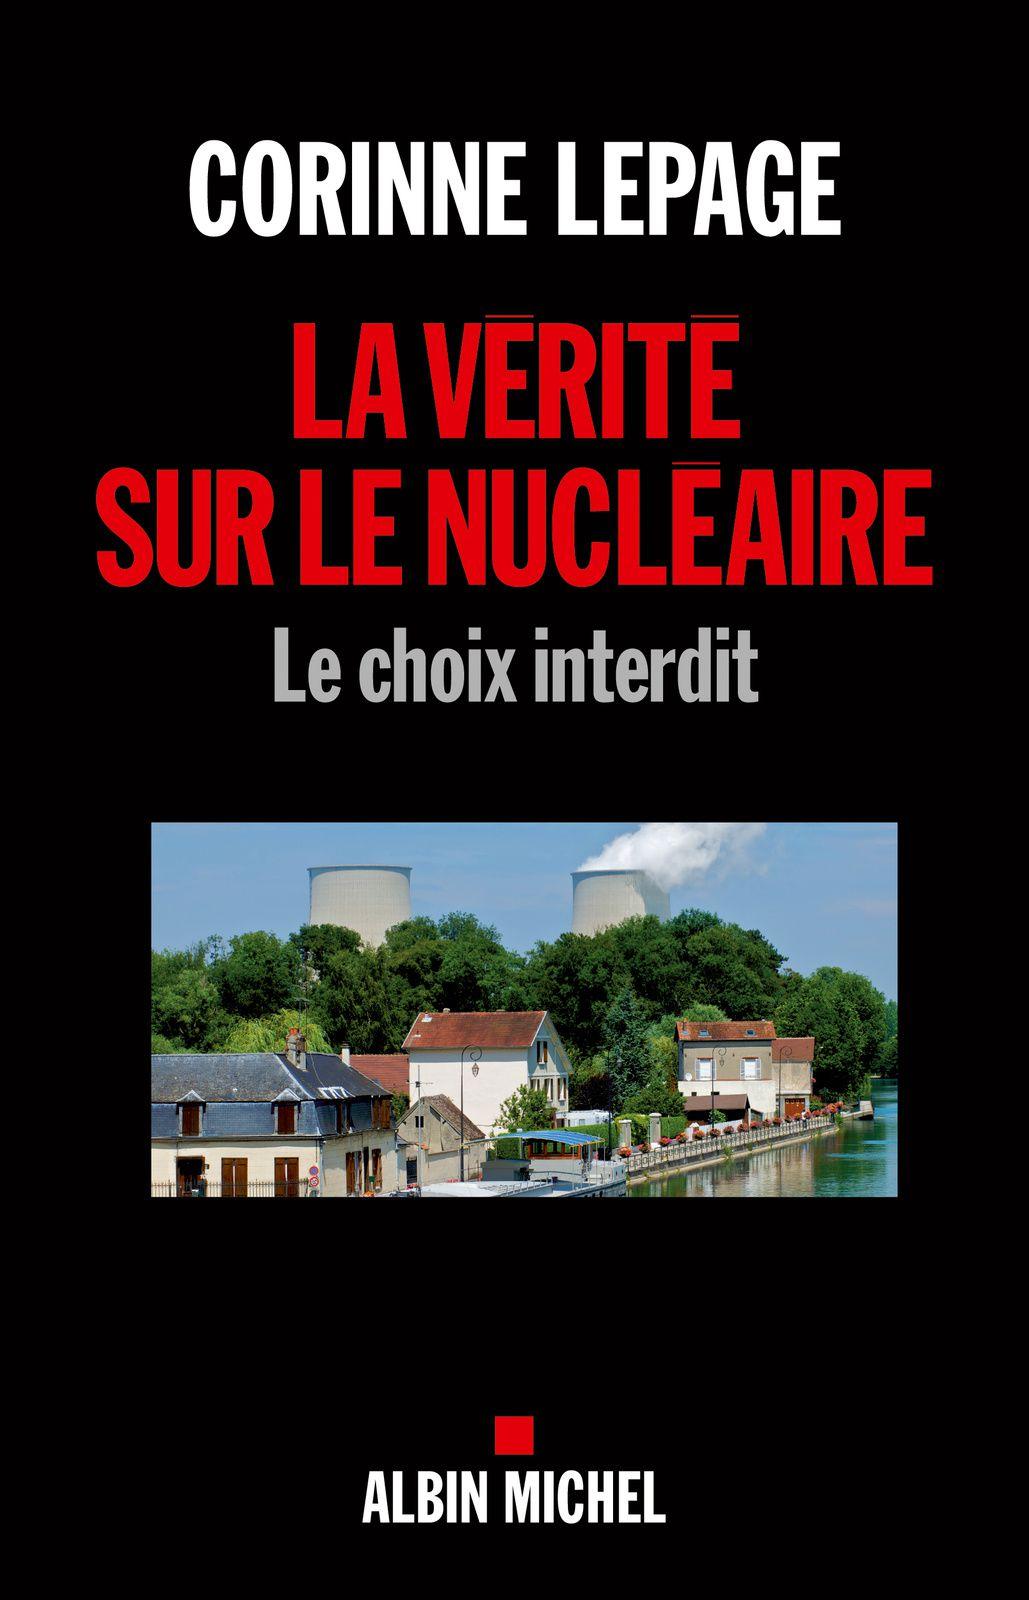 « La vérité sur le nucléaire » aux éditions Albin Michel (2011)